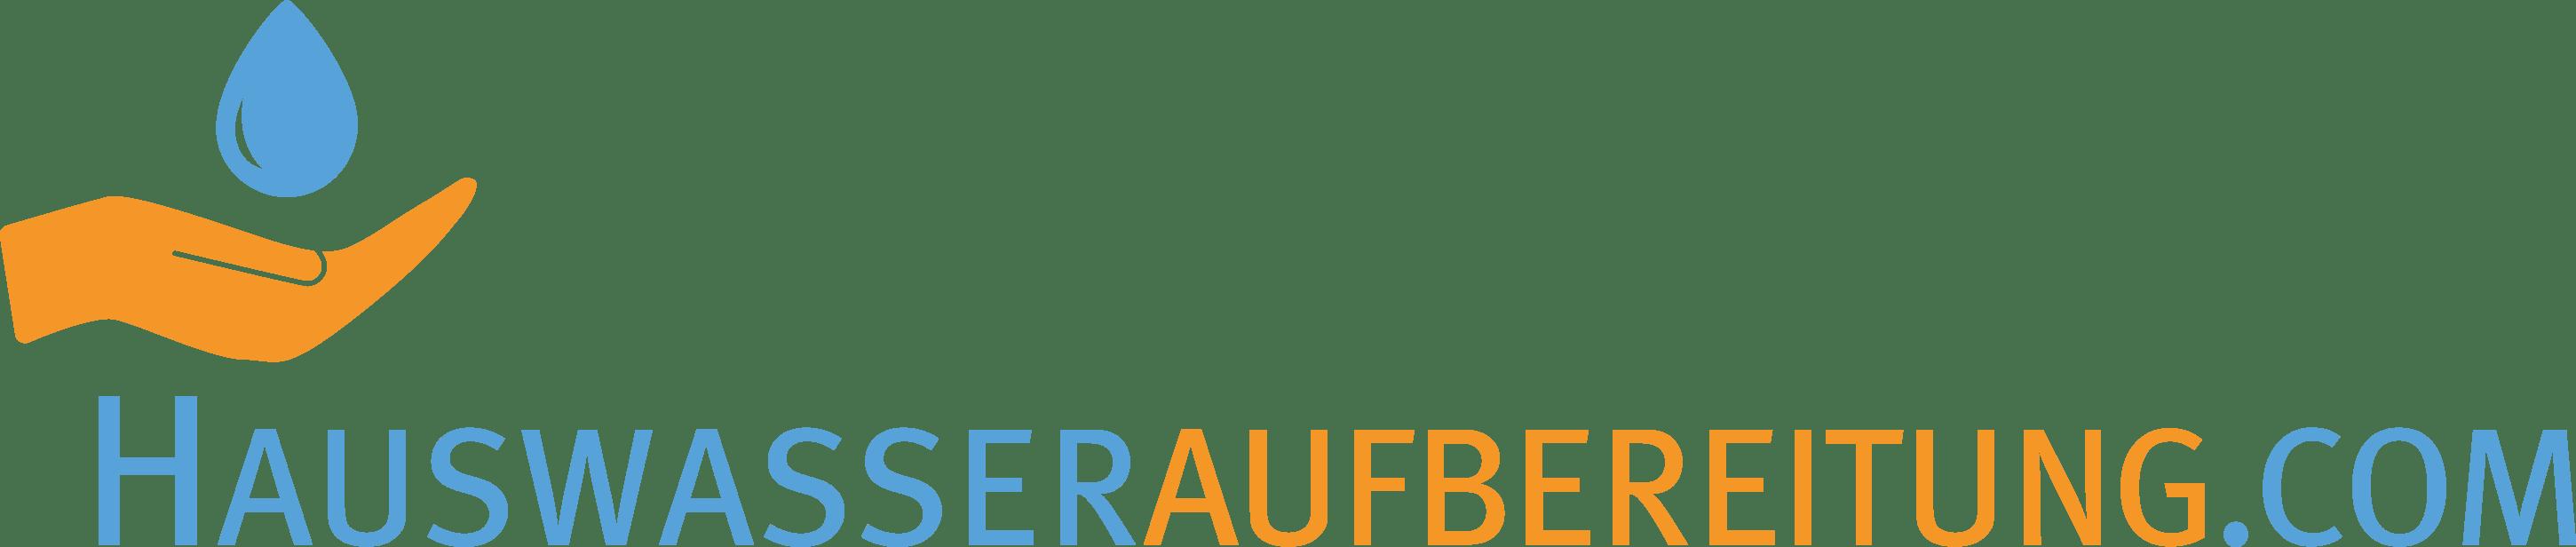 HAUSWASSERAUFBEREITUNG-Logo